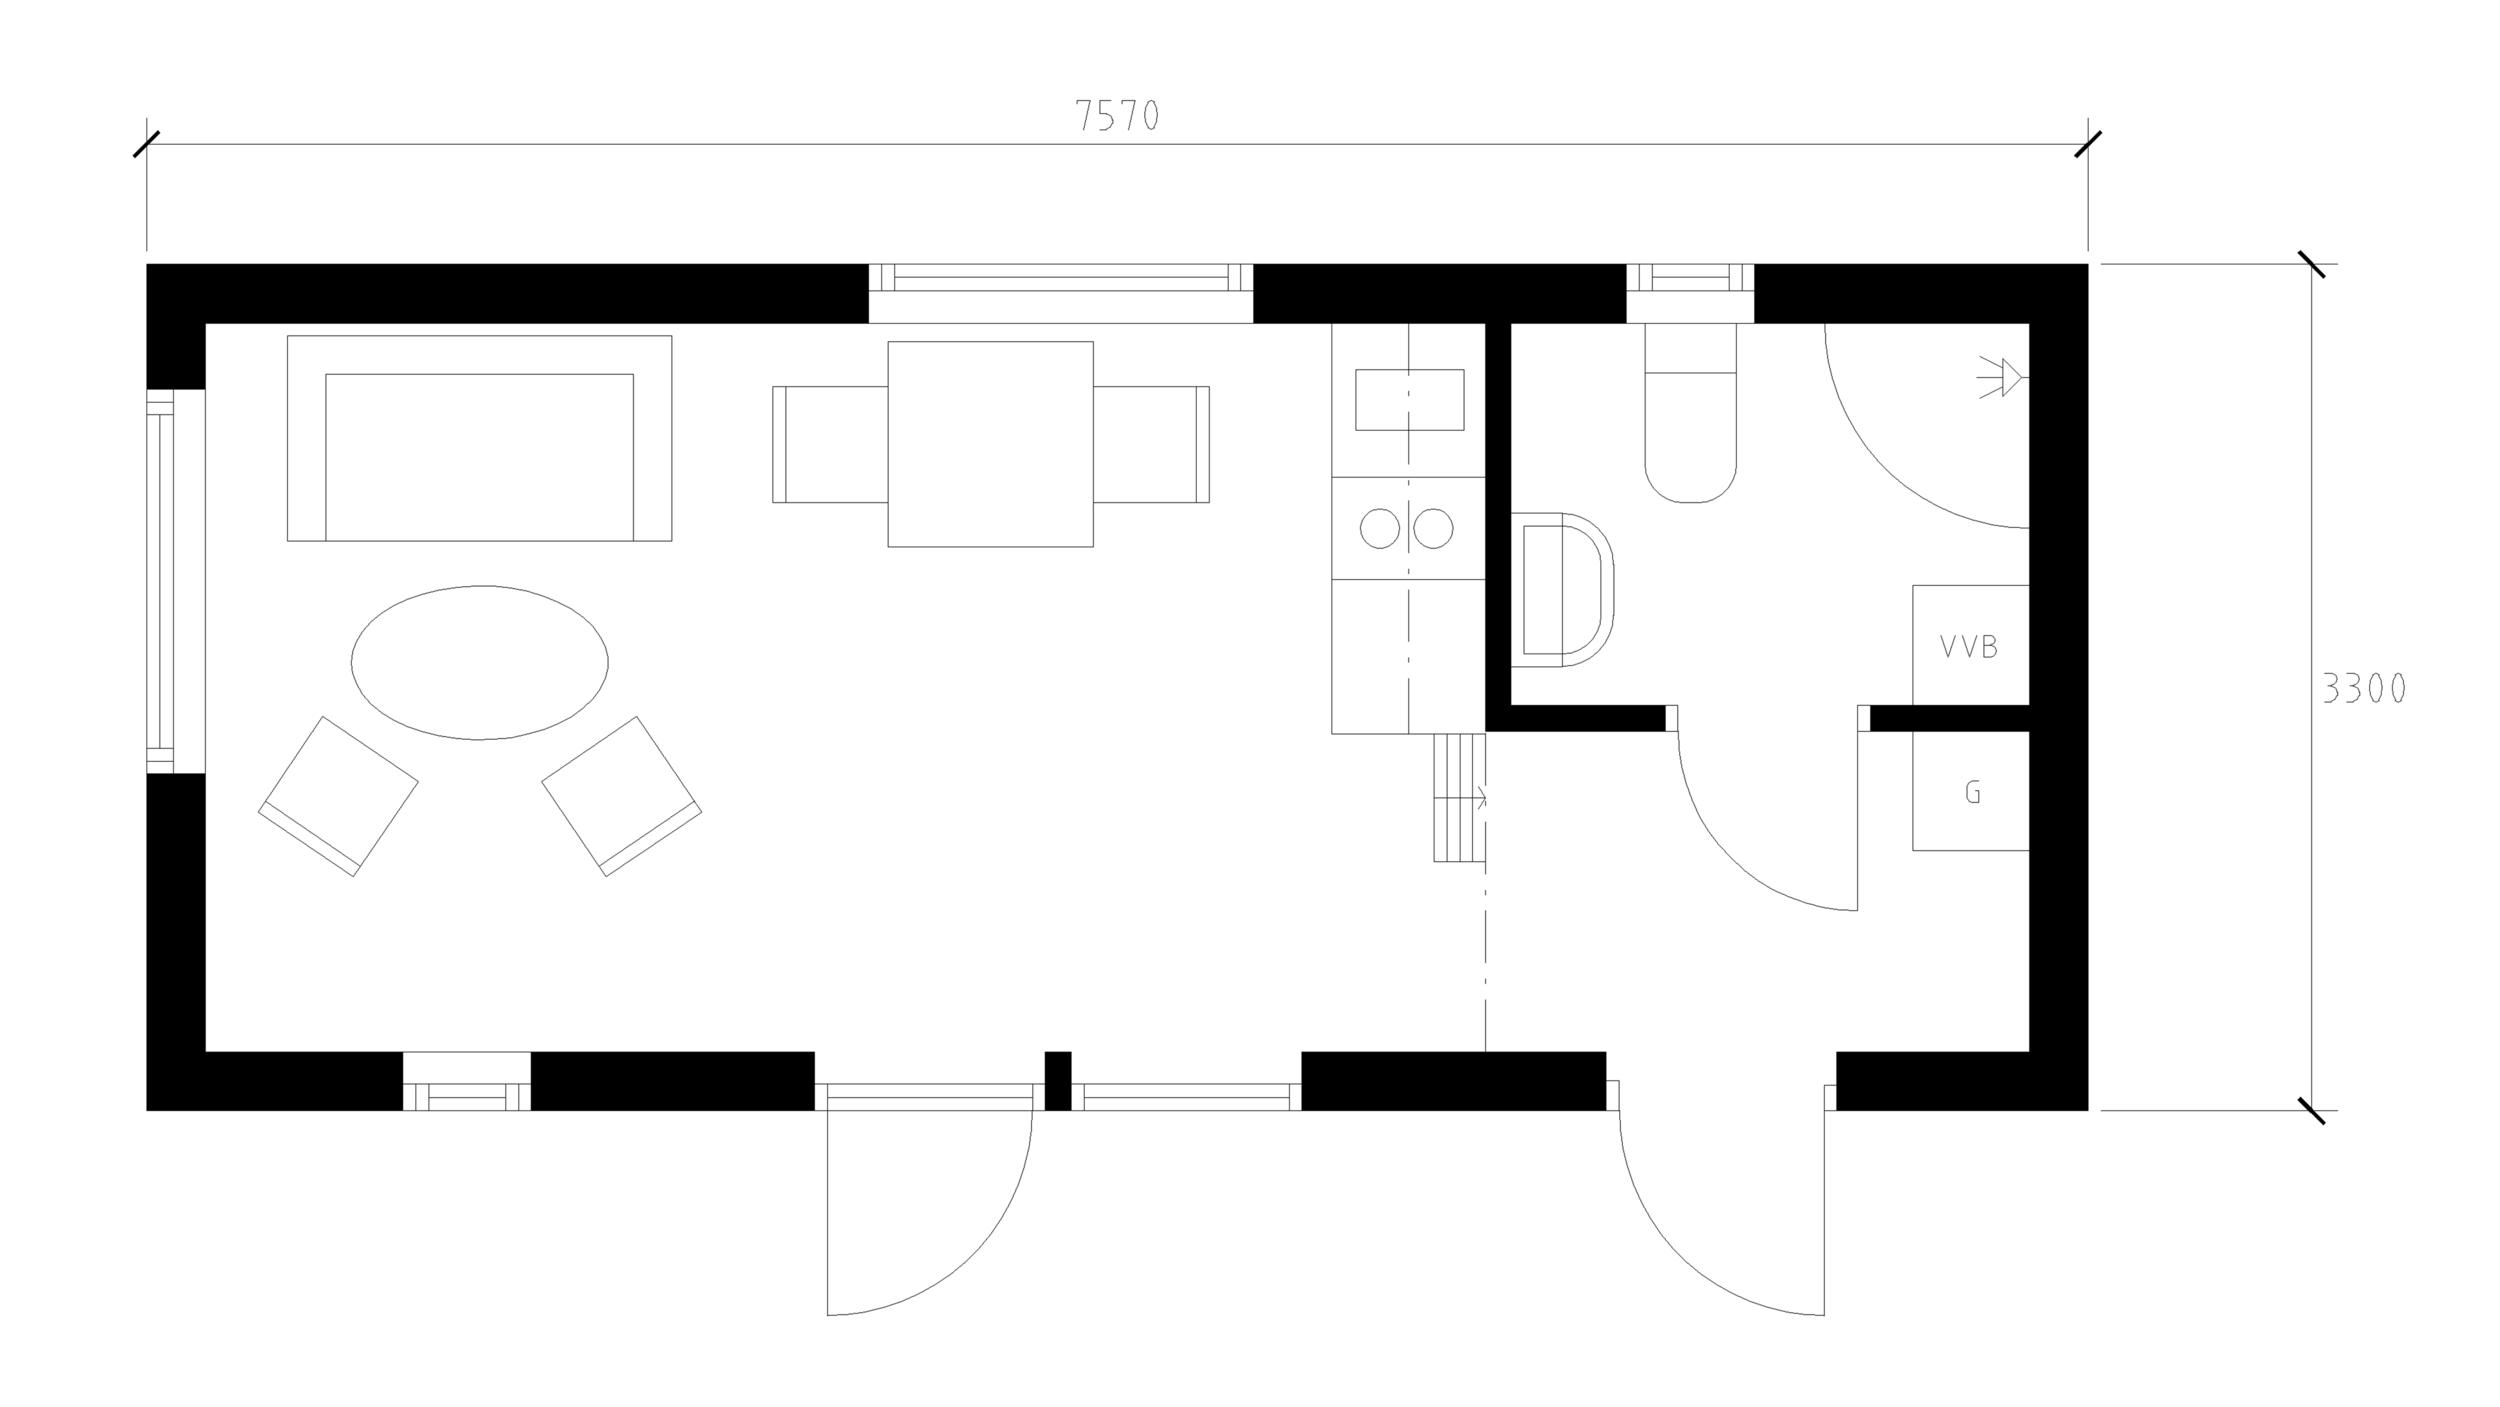 easy-house-attefallshus-torekov-25-loft-kök-badrum-planlösning-1.png